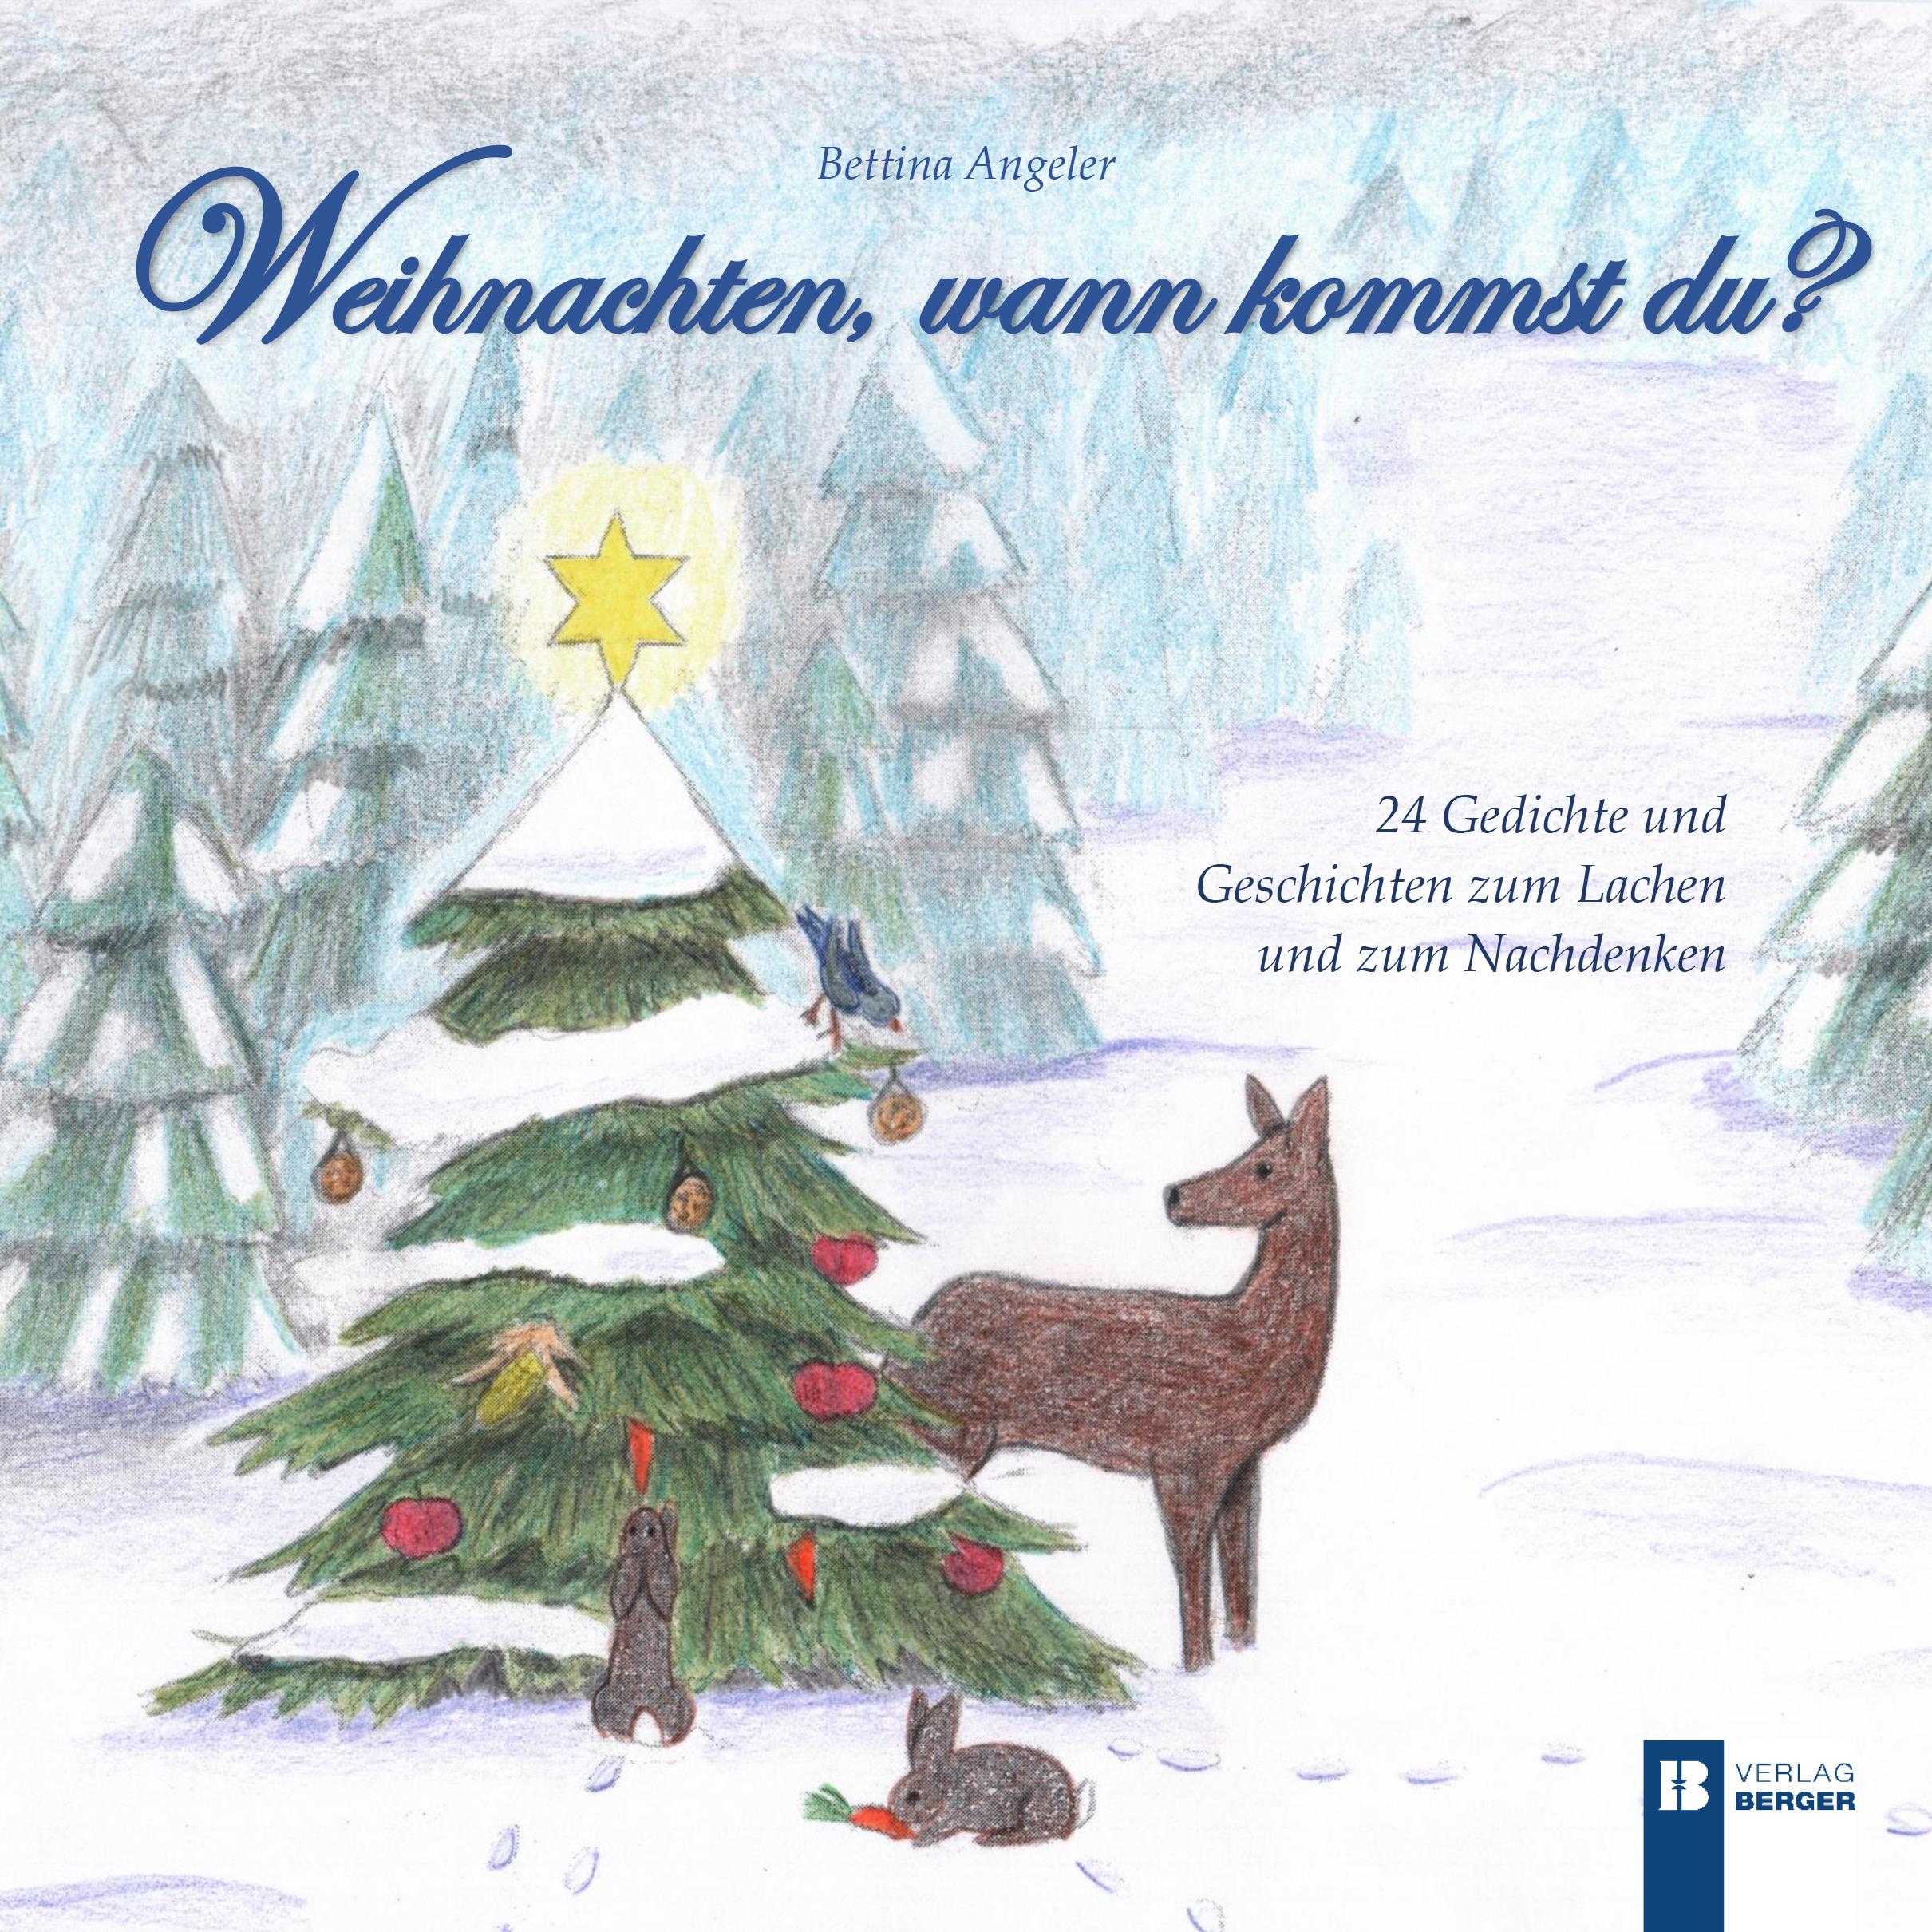 Weihnachten Wann Kommst Du Buch Bettina Angeler